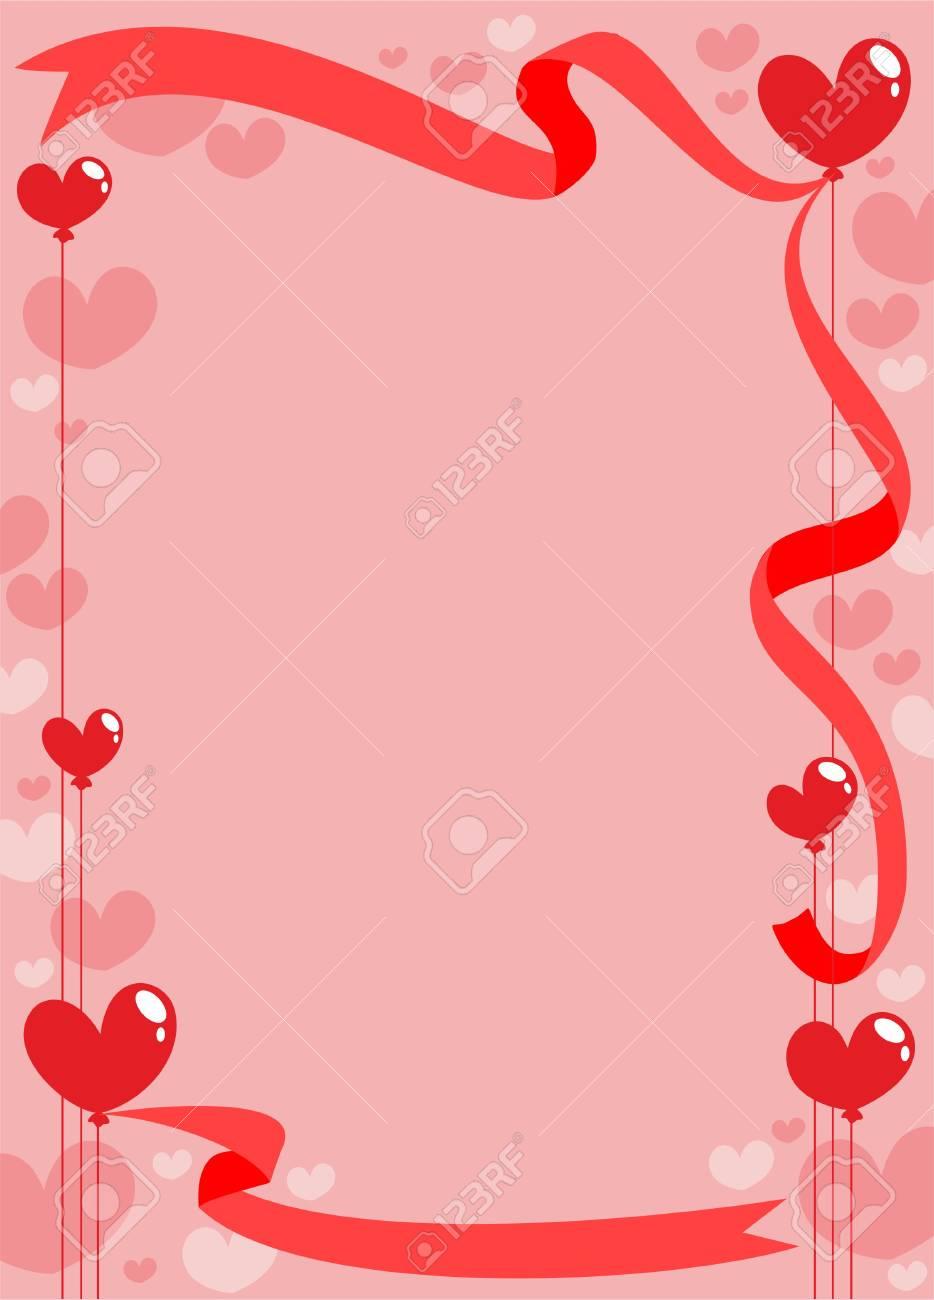 Modele De Carte D Invitation Romantique Clip Art Libres De Droits Vecteurs Et Illustration Image 76709337